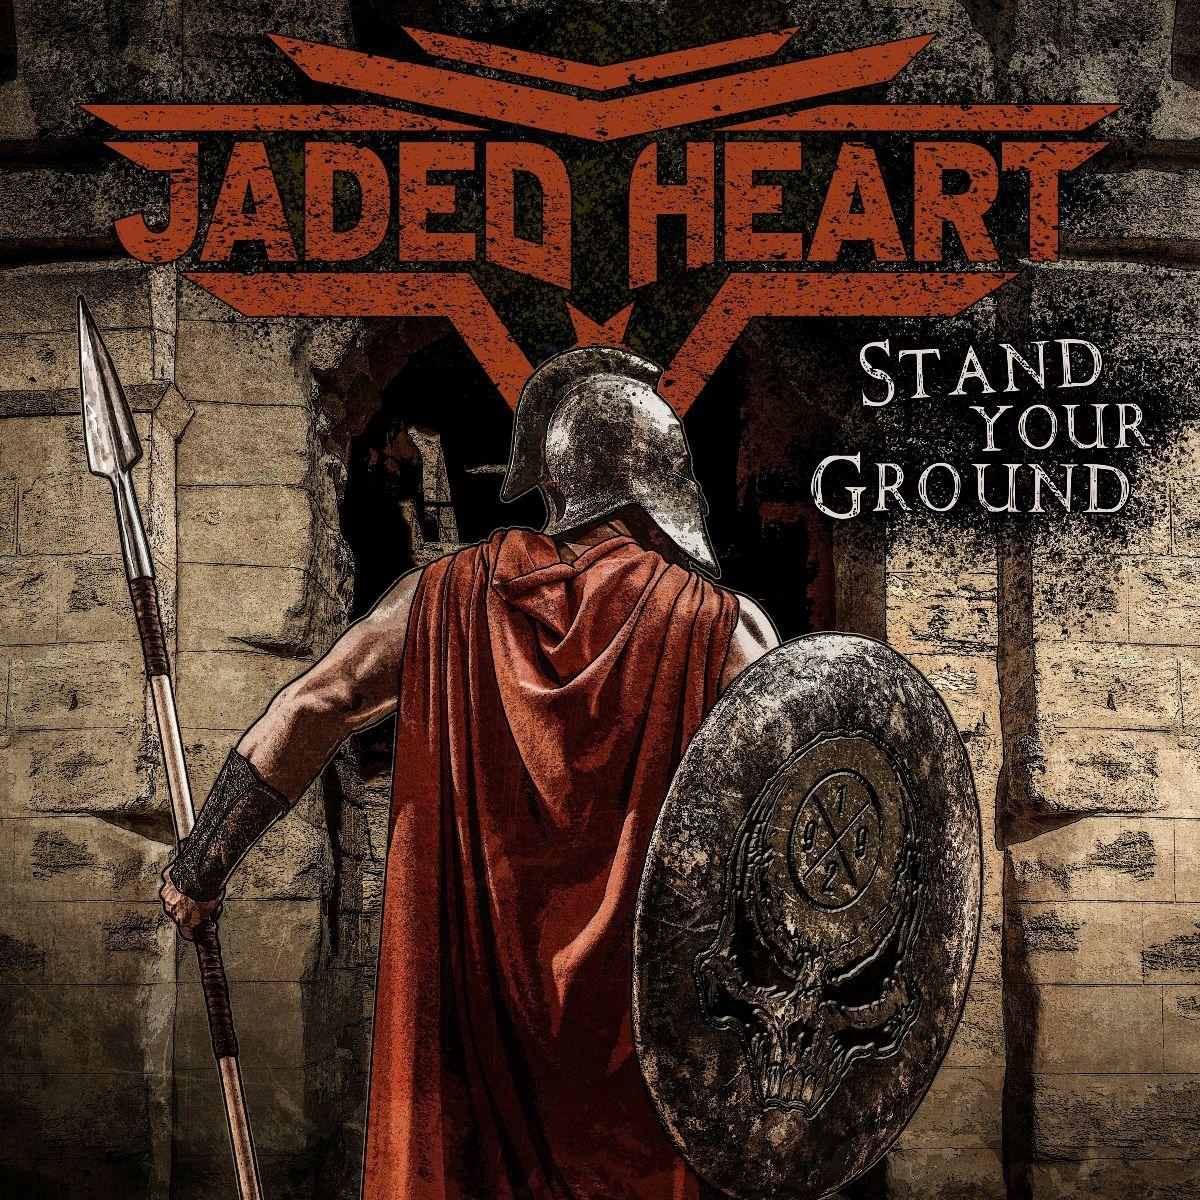 jaded-heart-kuendigen-neues-studioalbum-an